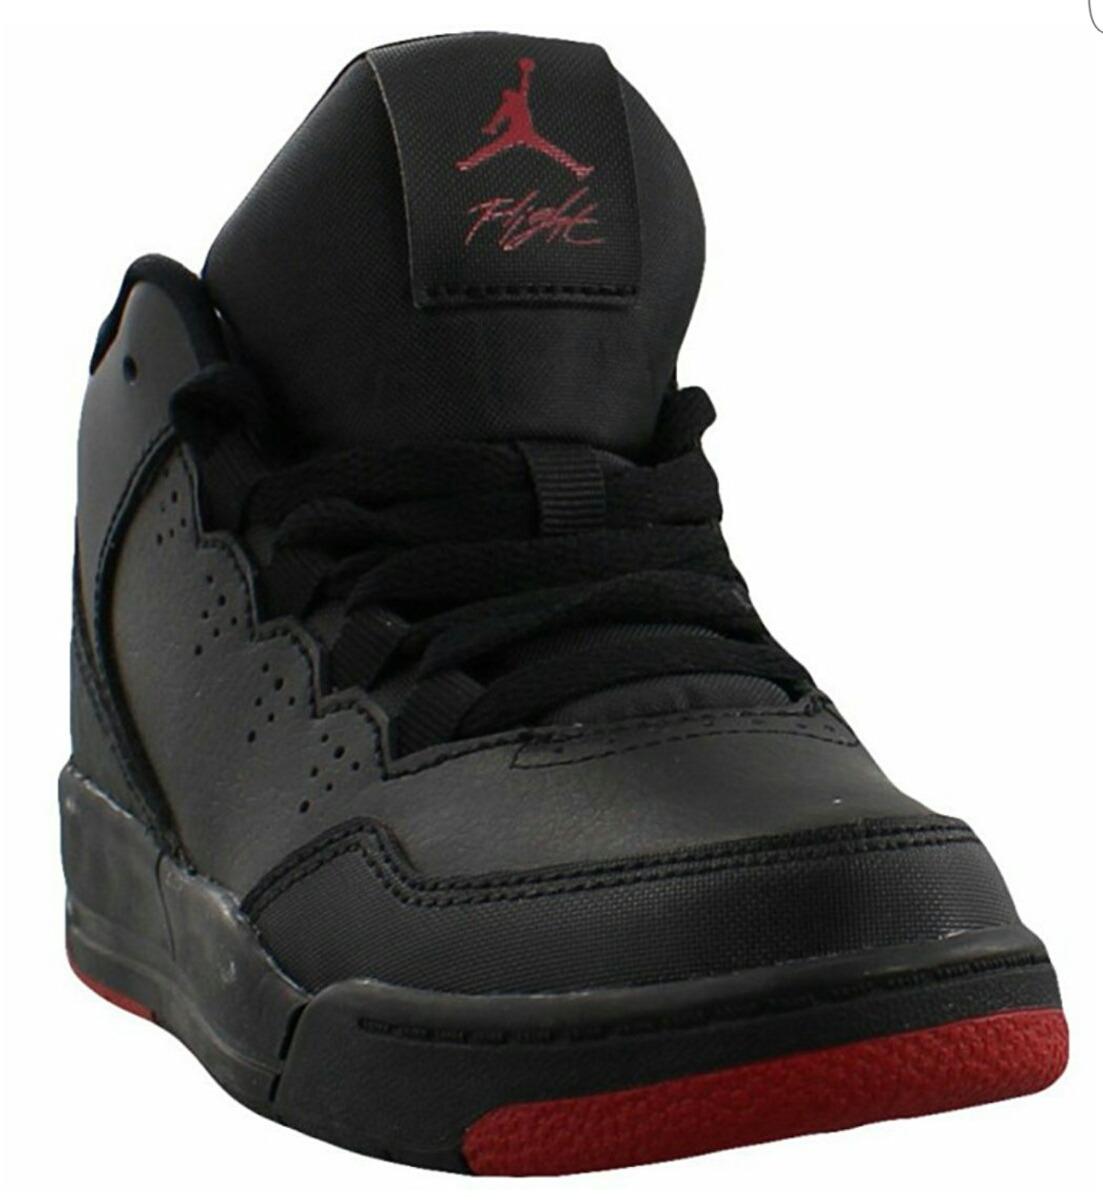 low priced 44ac8 7756c Tenis Nike Jordan Flight Origin 2 Bp Basketball